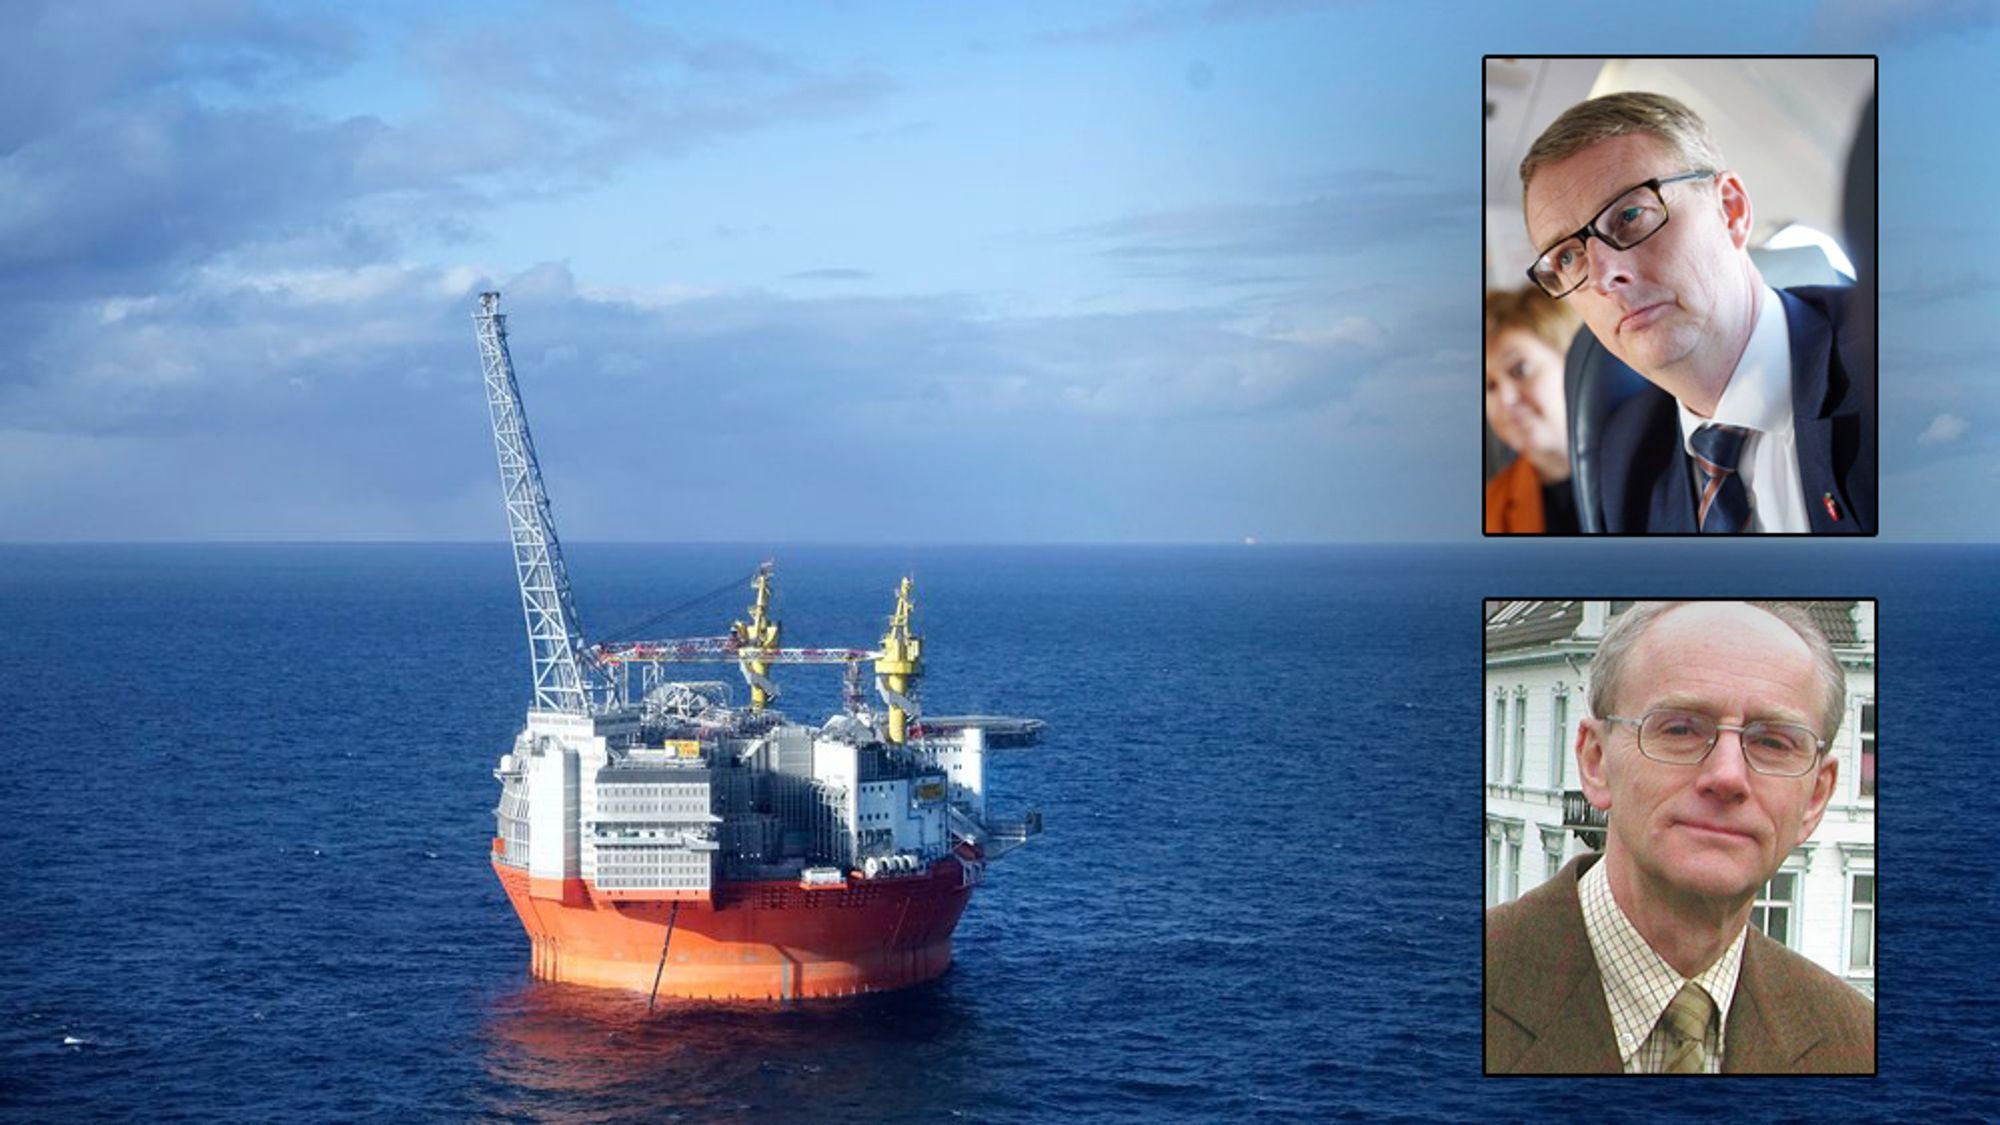 Olje- og energiminister Terje Søviknes (innfelt oppe) hevder departmentet ikke har sett noe på Goliat-feltet (bildet) og potensiell lønnsomhet for staten. Professor Jan Fridtjof Bernt (innfelt) mener det må finnes noen anslag i departementet.